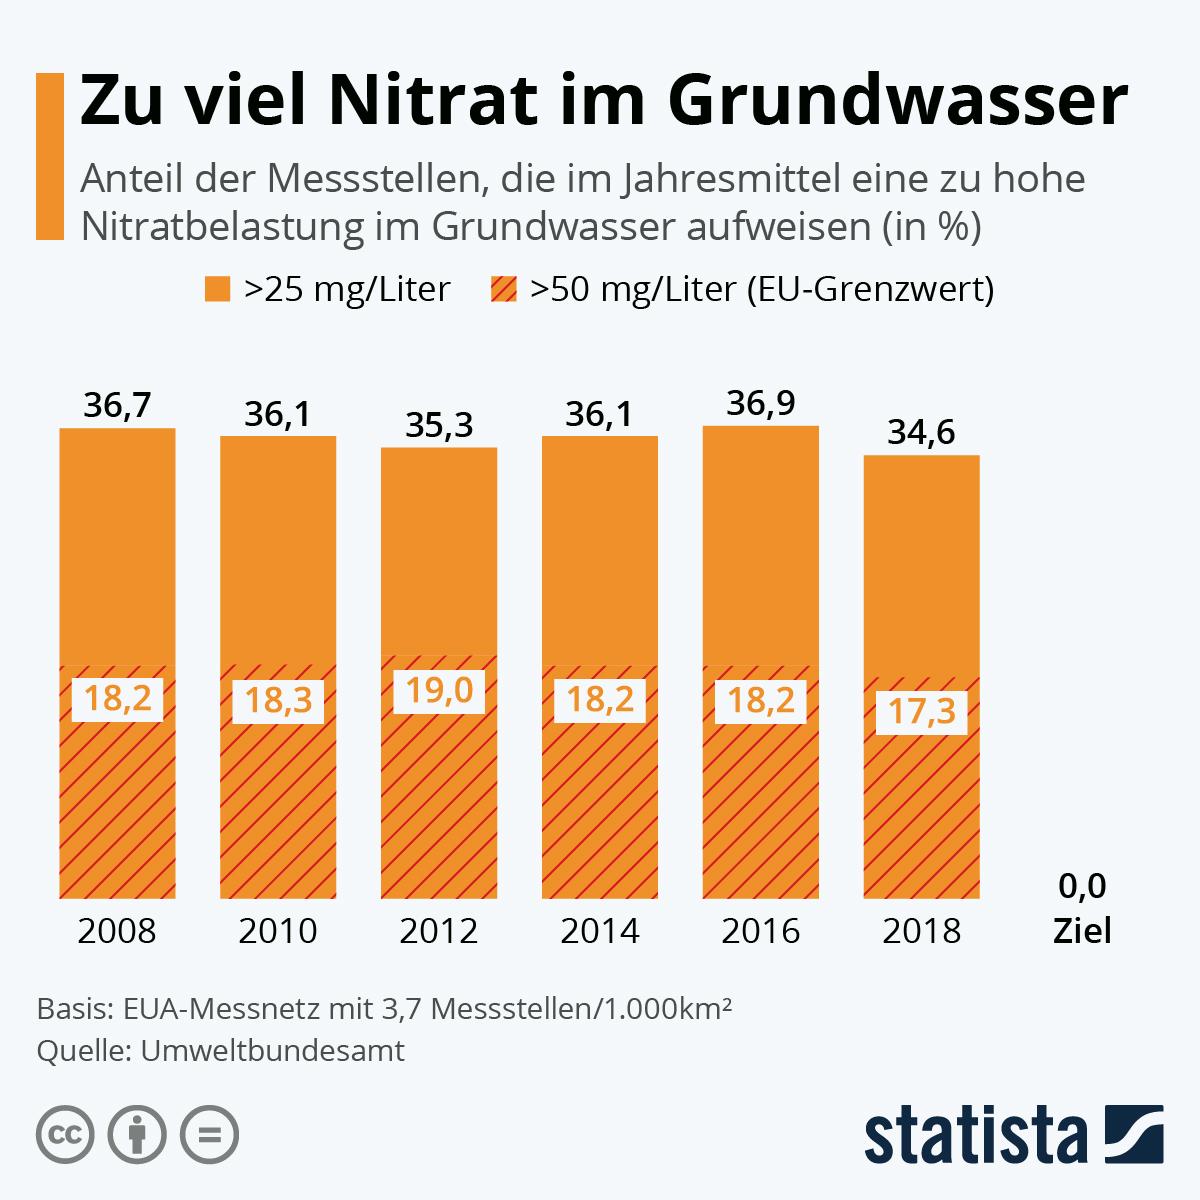 Zu viel Nitrat im deutschen Grundwasser | Statista